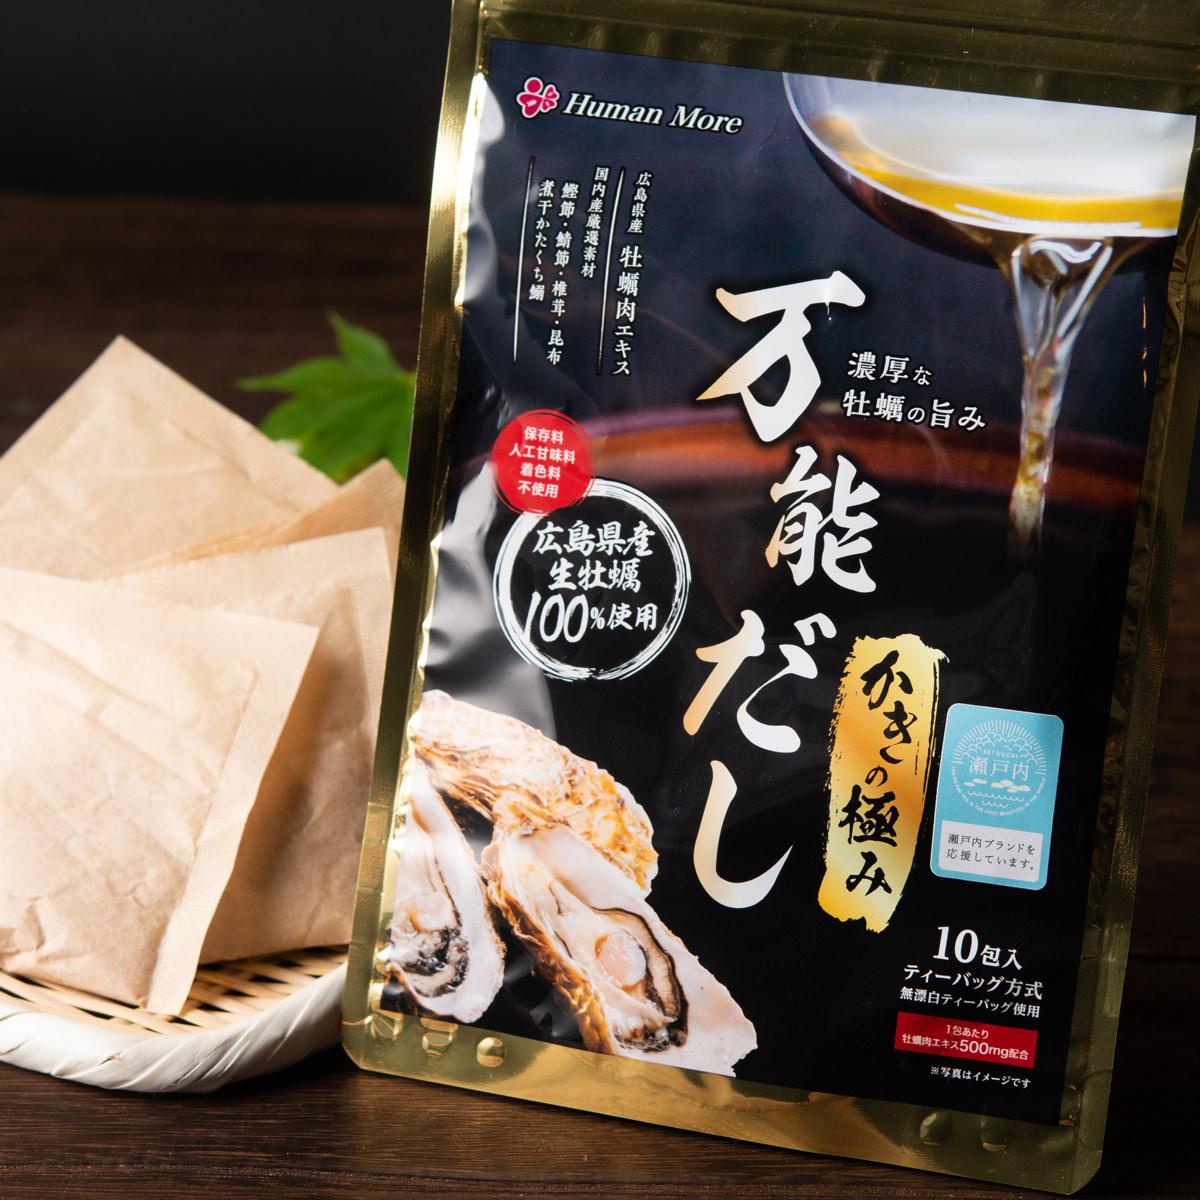 かきの極み 万能だし 〔(8.5g×10)×3〕 広島 調味料 無添加 だし ヒューマン・モア